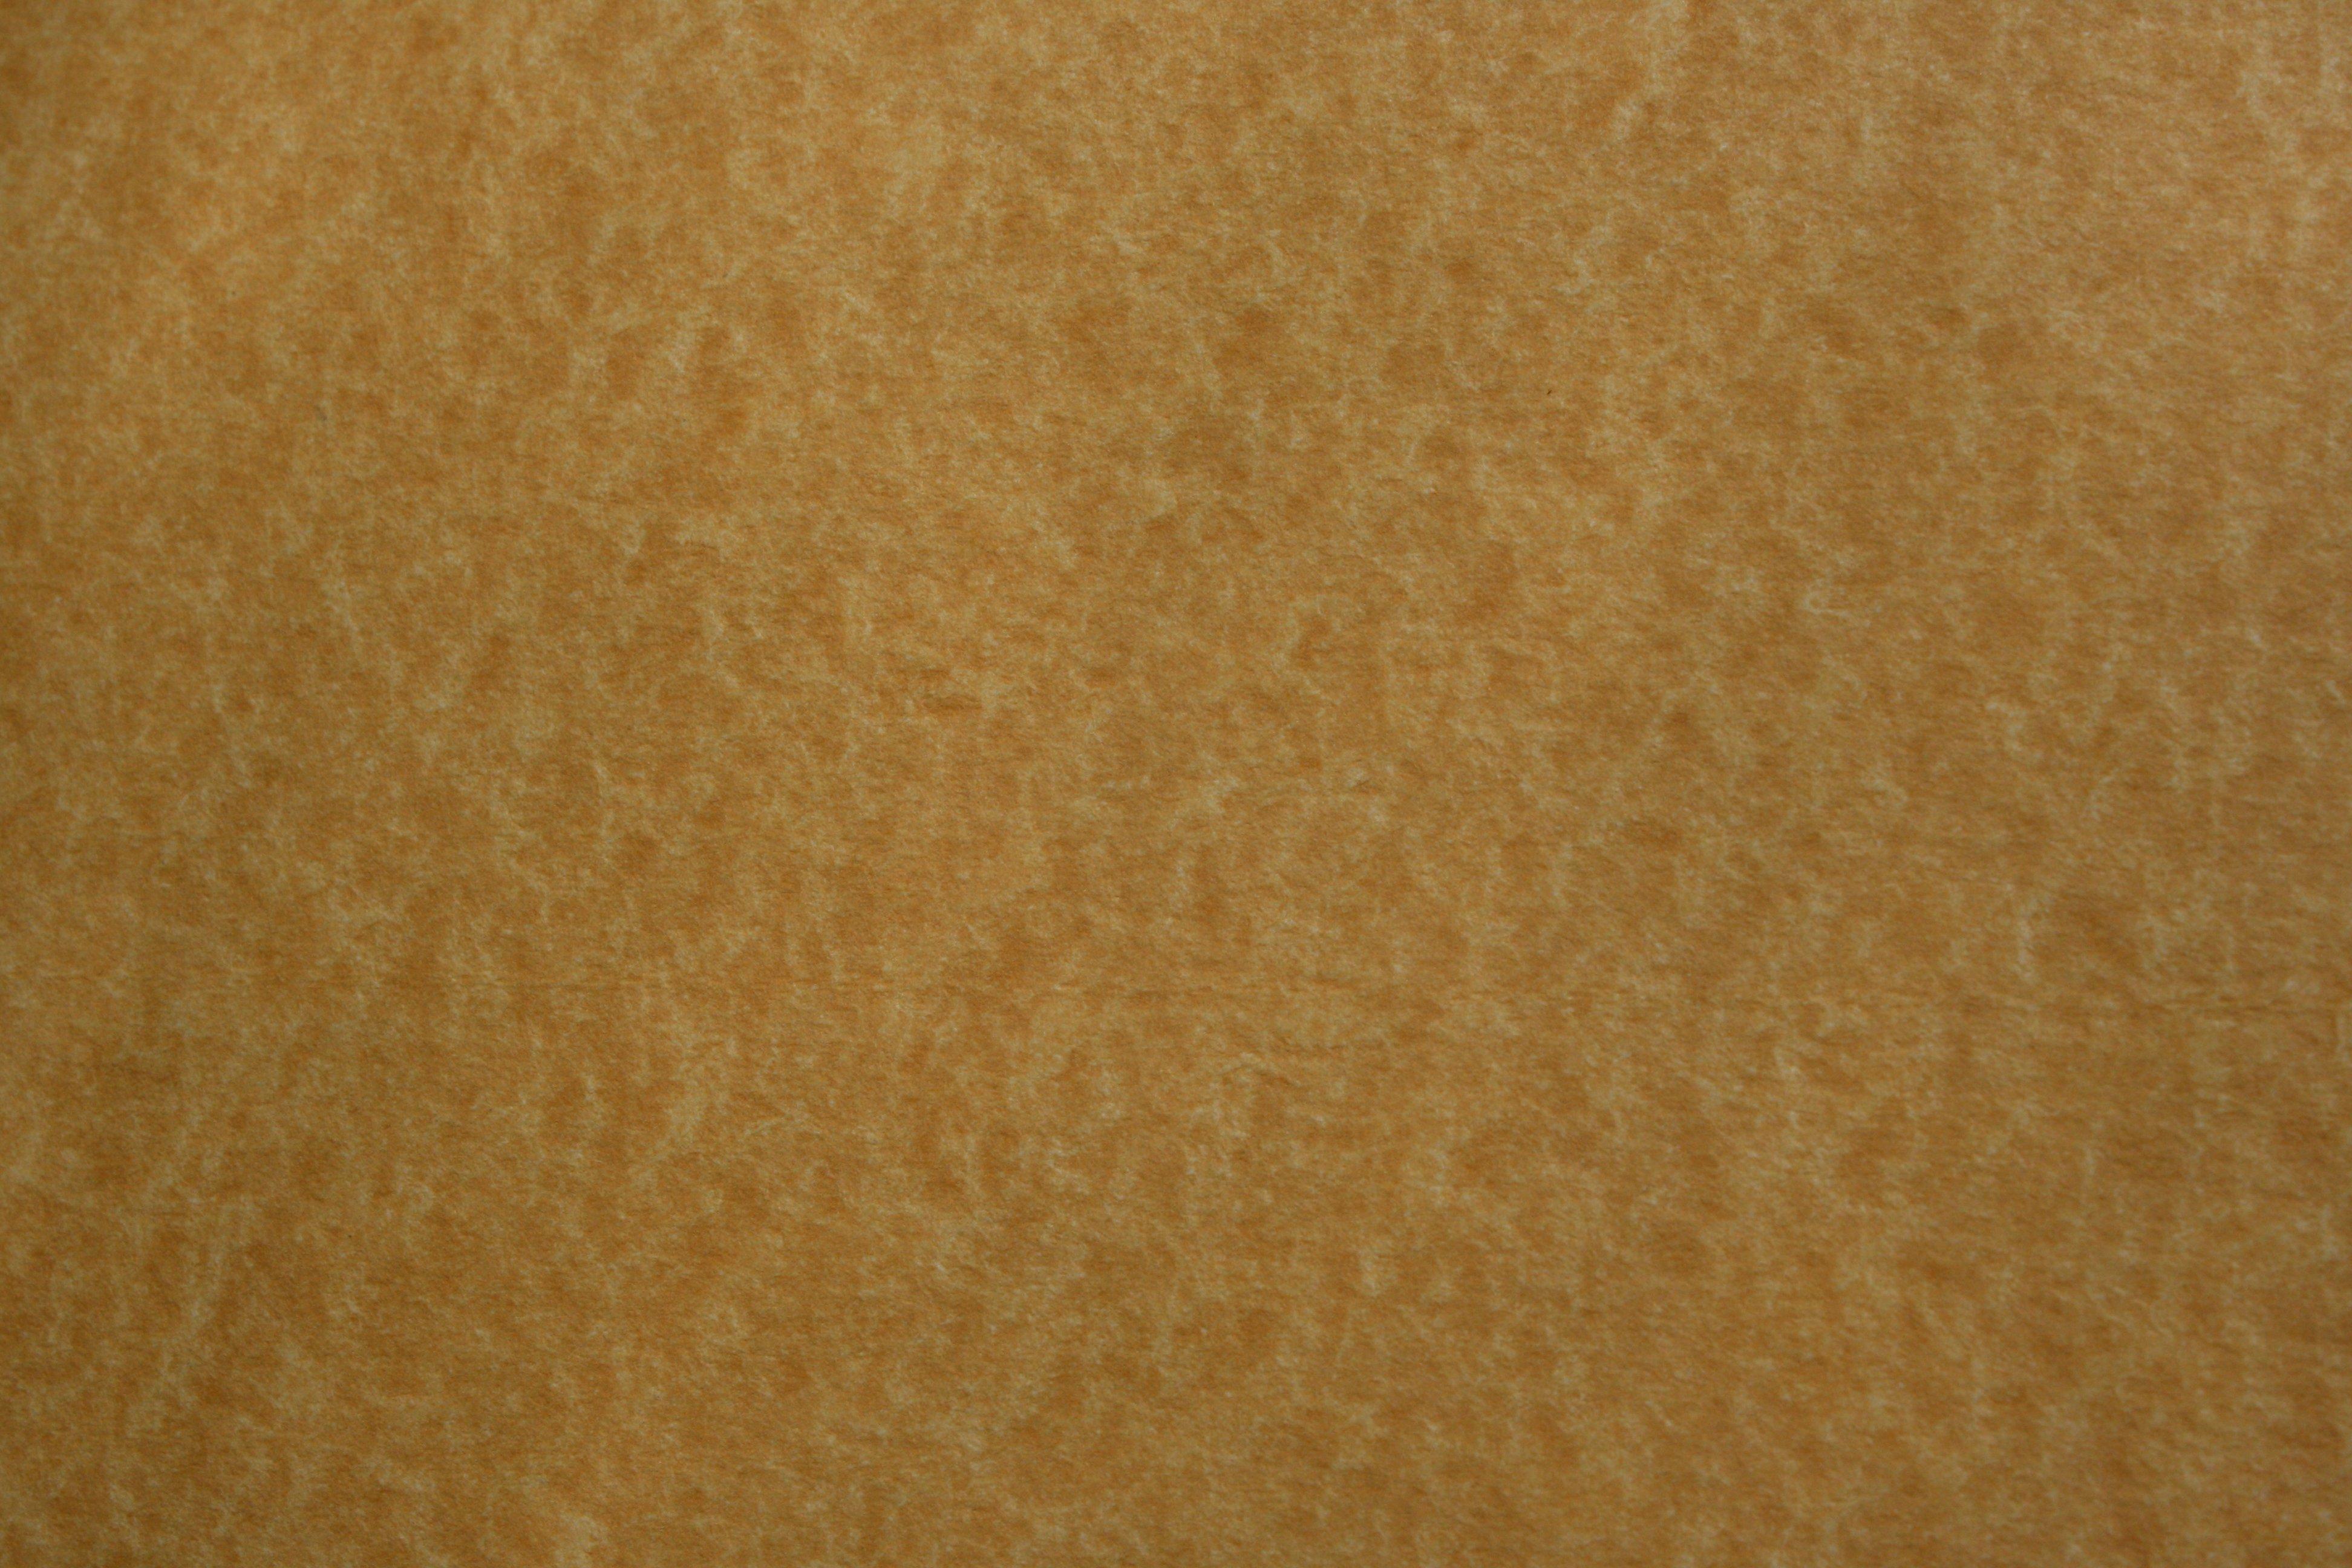 Parchment Paper Texture Picture Photograph Photos Public 3888x2592